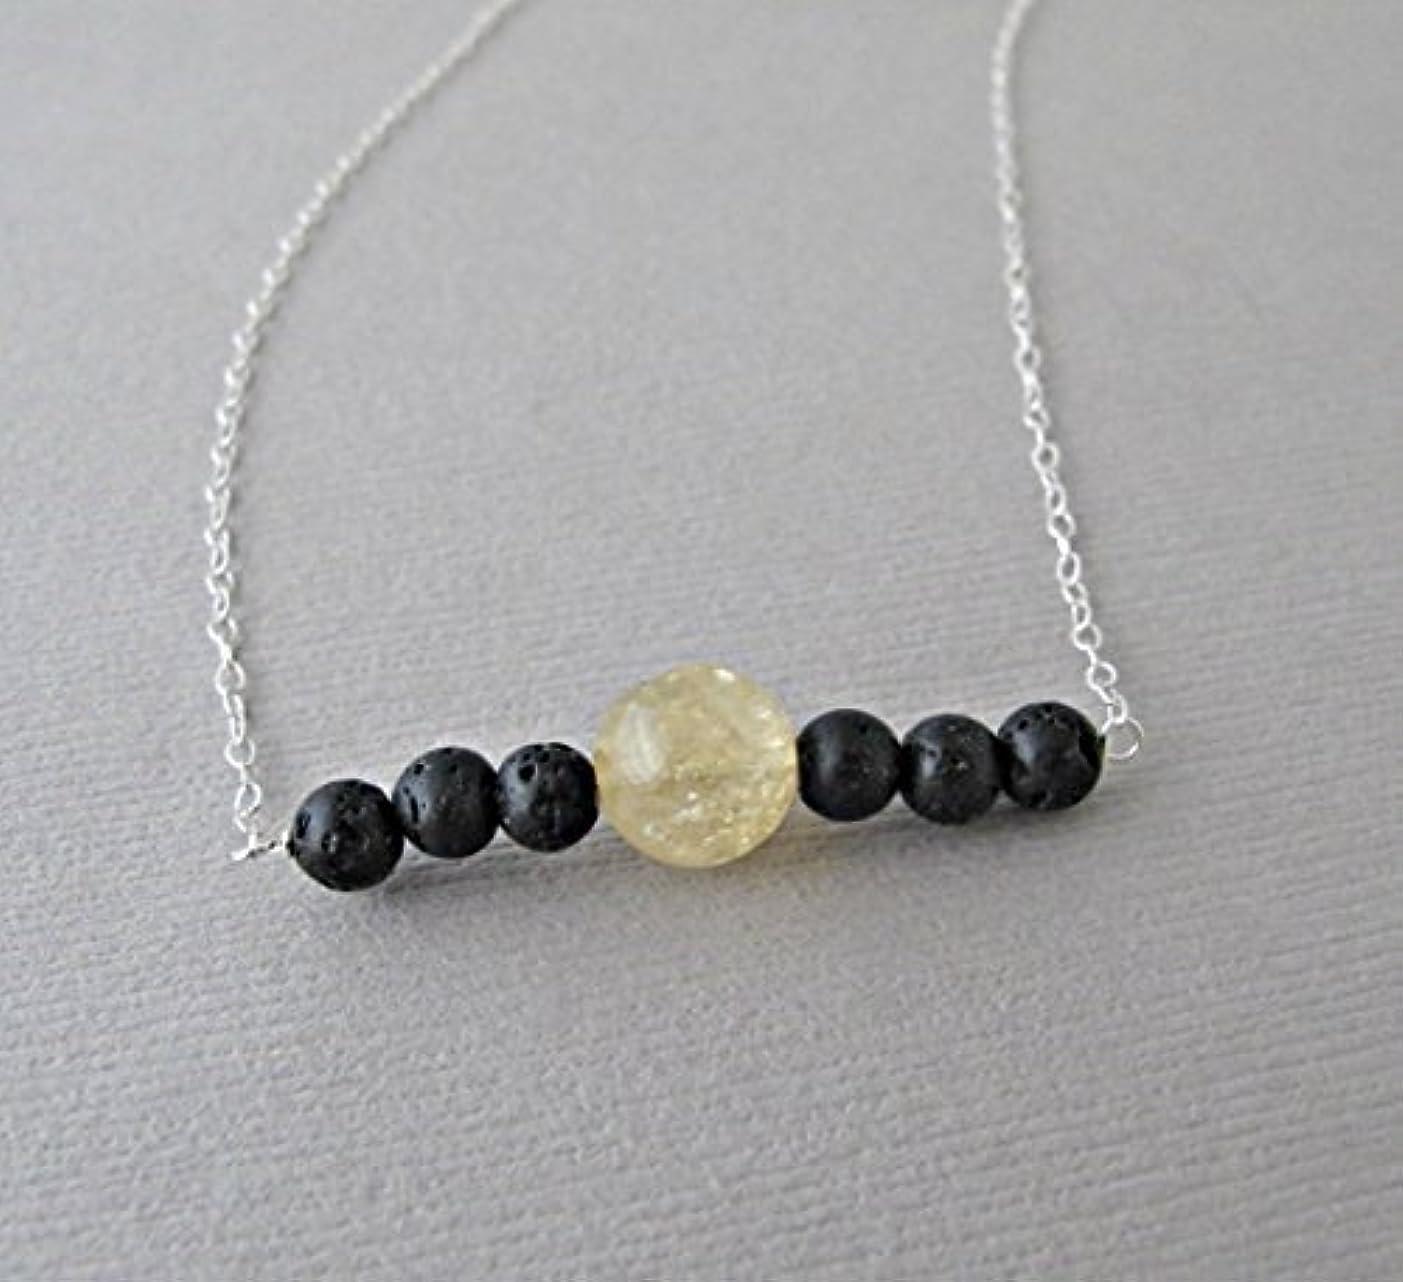 いたずら崇拝します漏斗Citrine Lava Pendant Essential Oil Necklace Diffuser Aromatherapy - Simple Minimalist Lava Bead Diffuser Necklace...